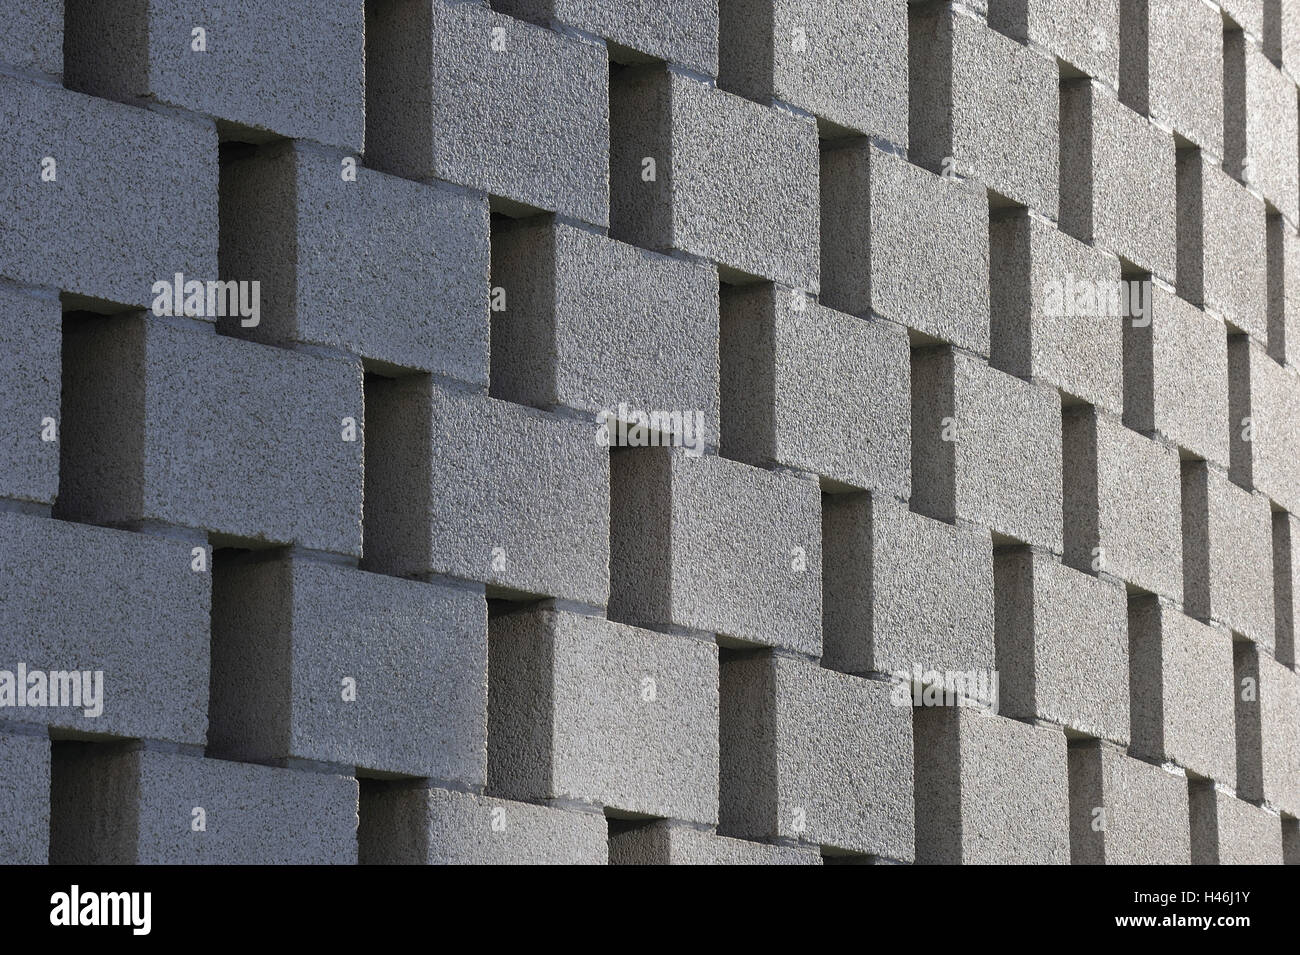 Facciata di edificio, pietre, curvatura, dettaglio Immagini Stock